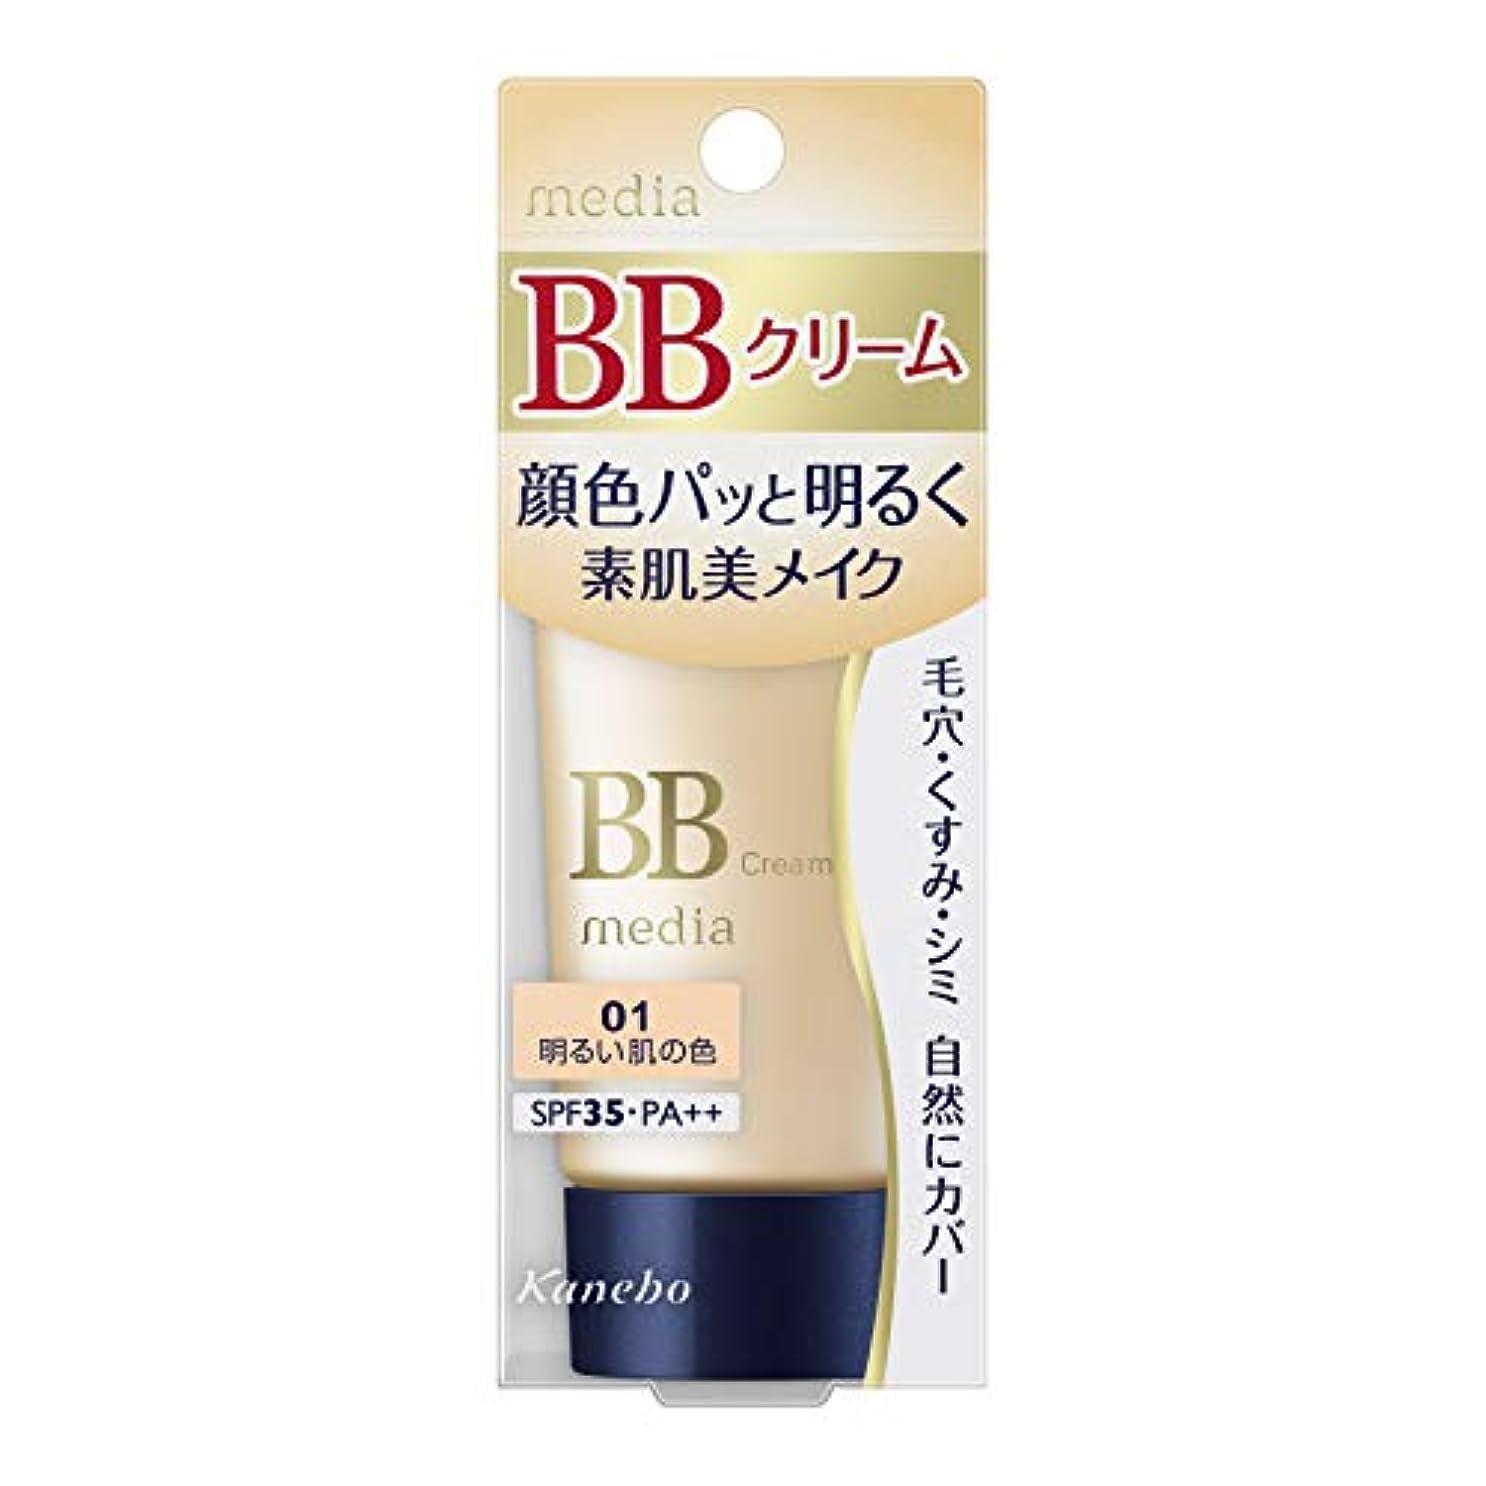 バーチャルボイド雑多なカネボウ化粧品 メディア BBクリームS 01 35g